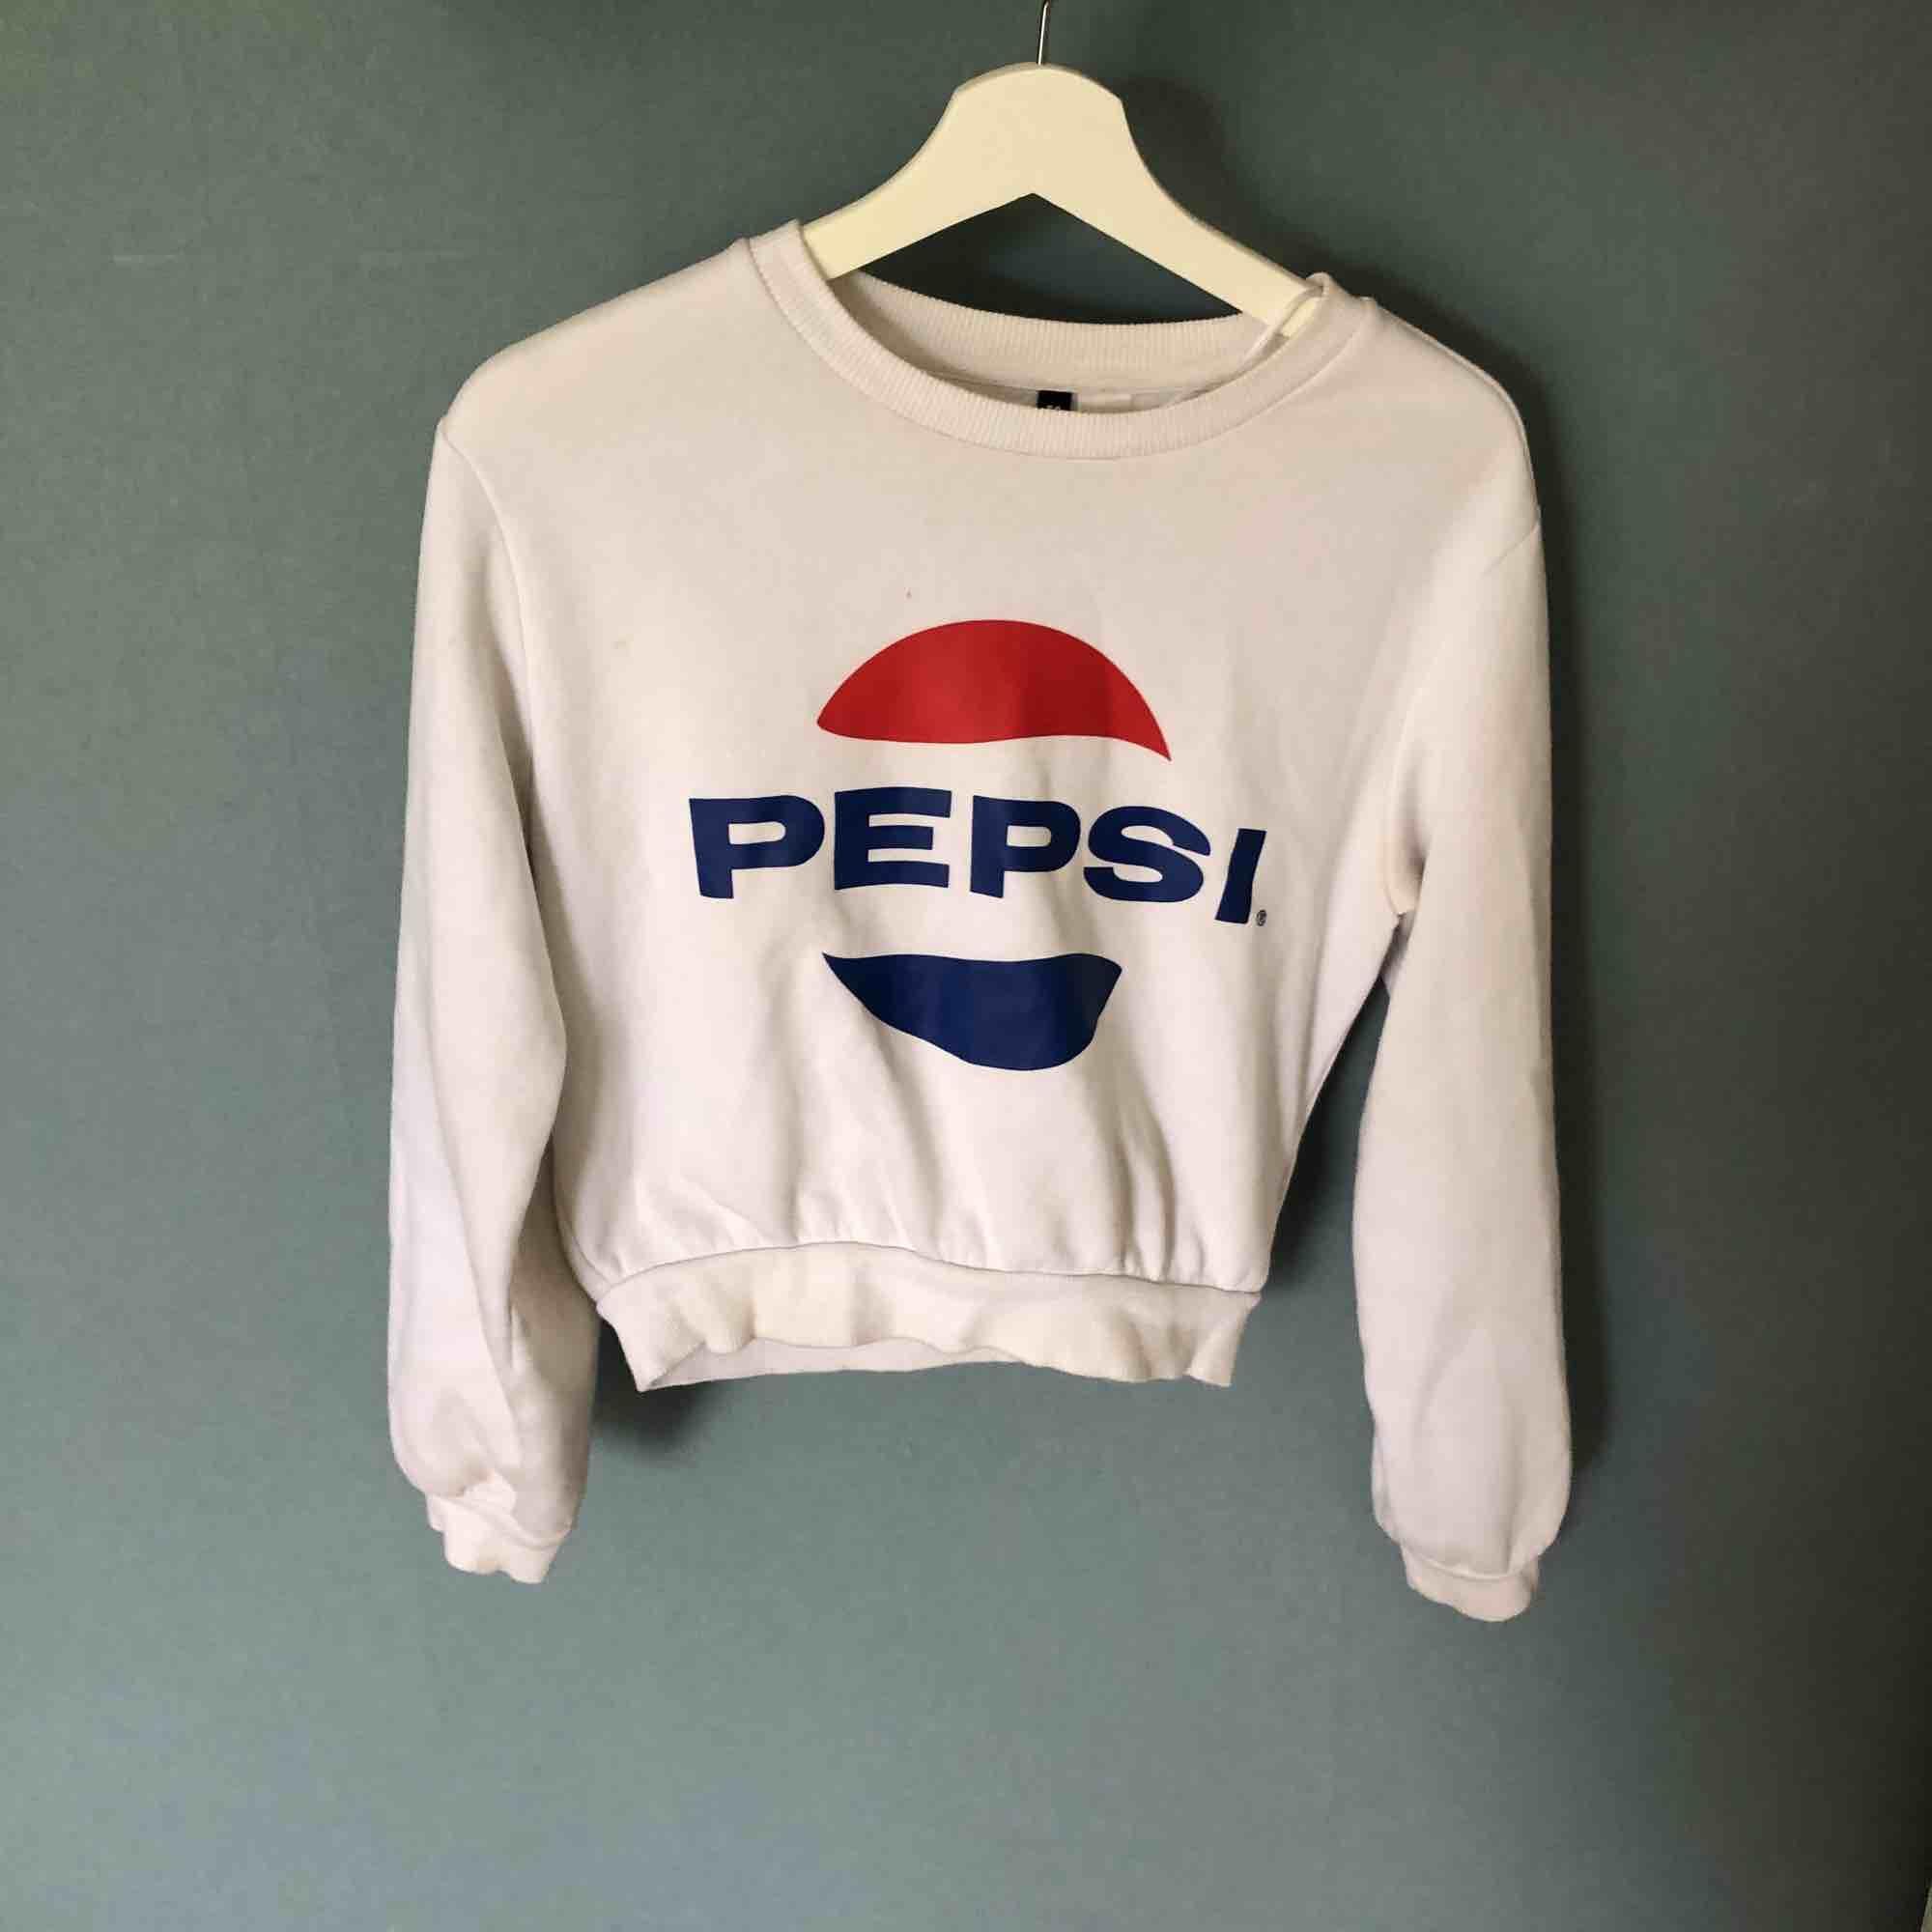 Pepsitröja i kortare modell, säljer eftersom jag är mer en coca coola tjej 😉 och att den inte används tillräckligt hos mig vilket gör att den är i jätte fint skick, det som ser skitigt ut på resåren är endast ljuset 😊. Tröjor & Koftor.